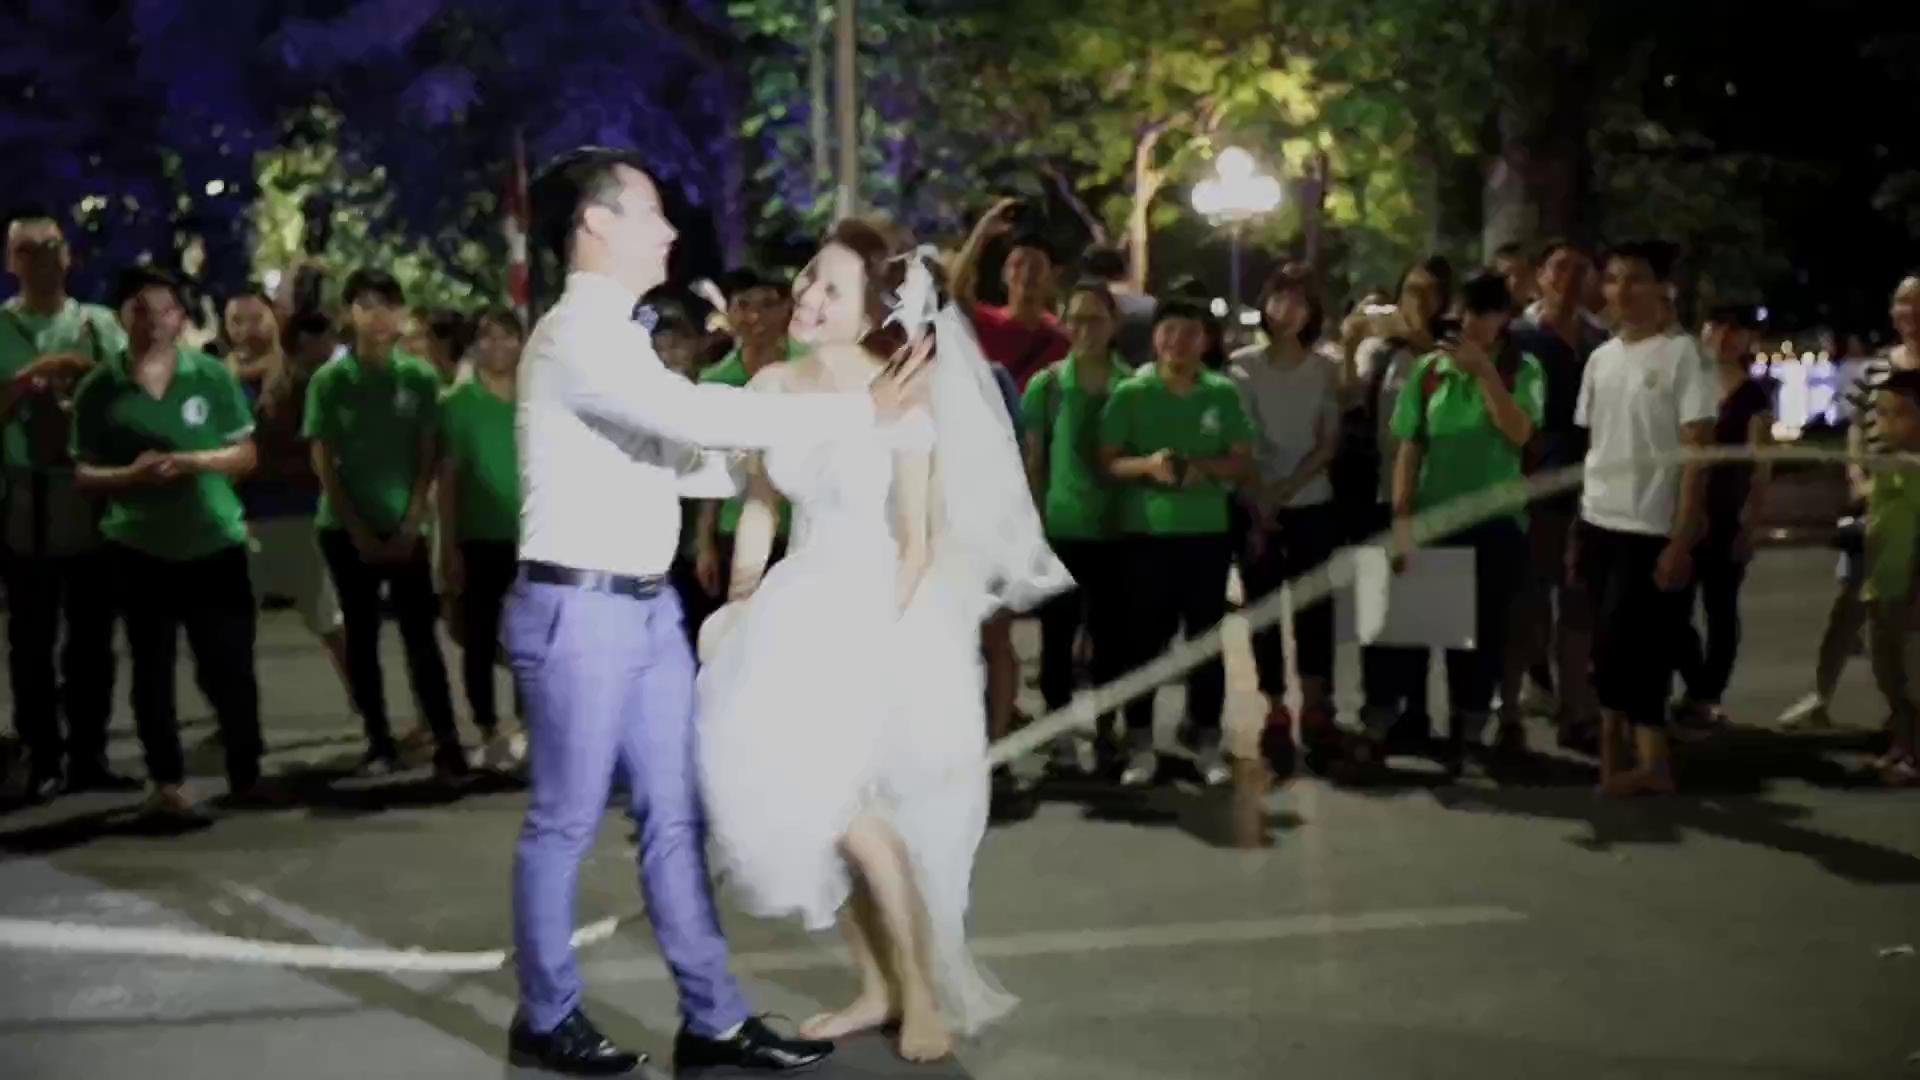 Việc cô dâu chú rể xuất hiện đã nhận được sự quan tâm và ưu ái của các bạn trẻ.